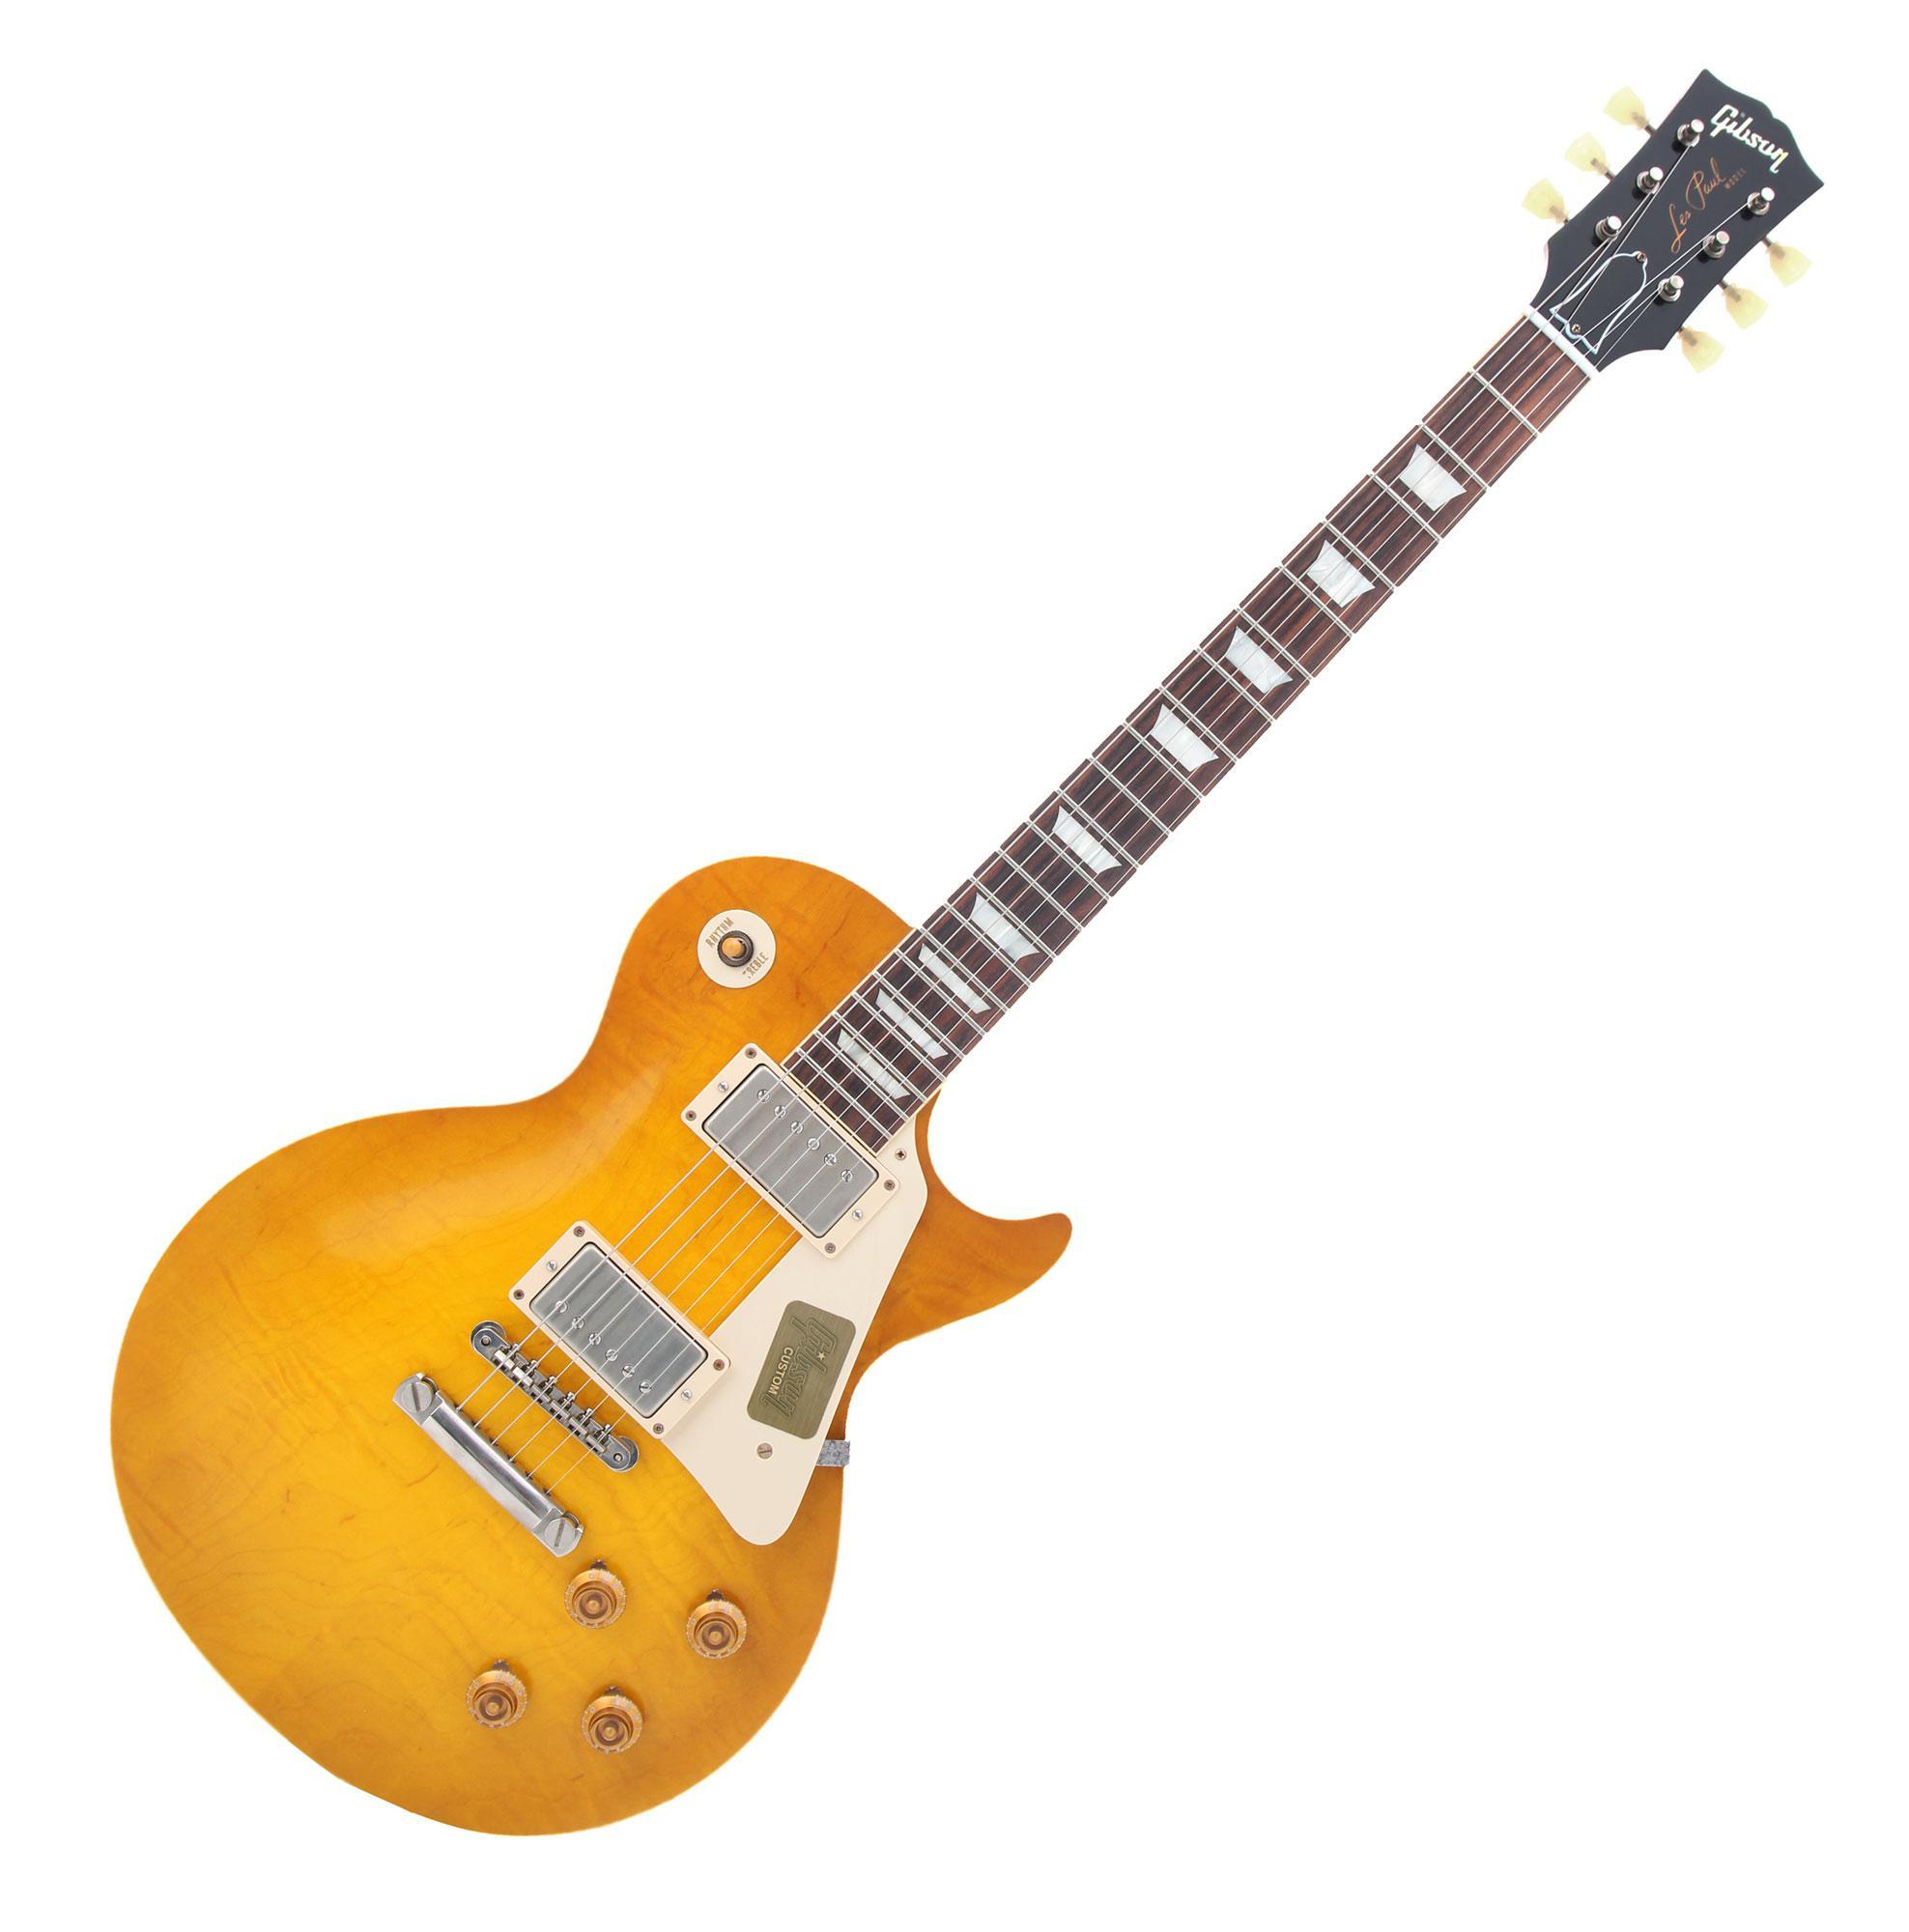 Gibson 1958 Les Paul Plaintop LB VOS